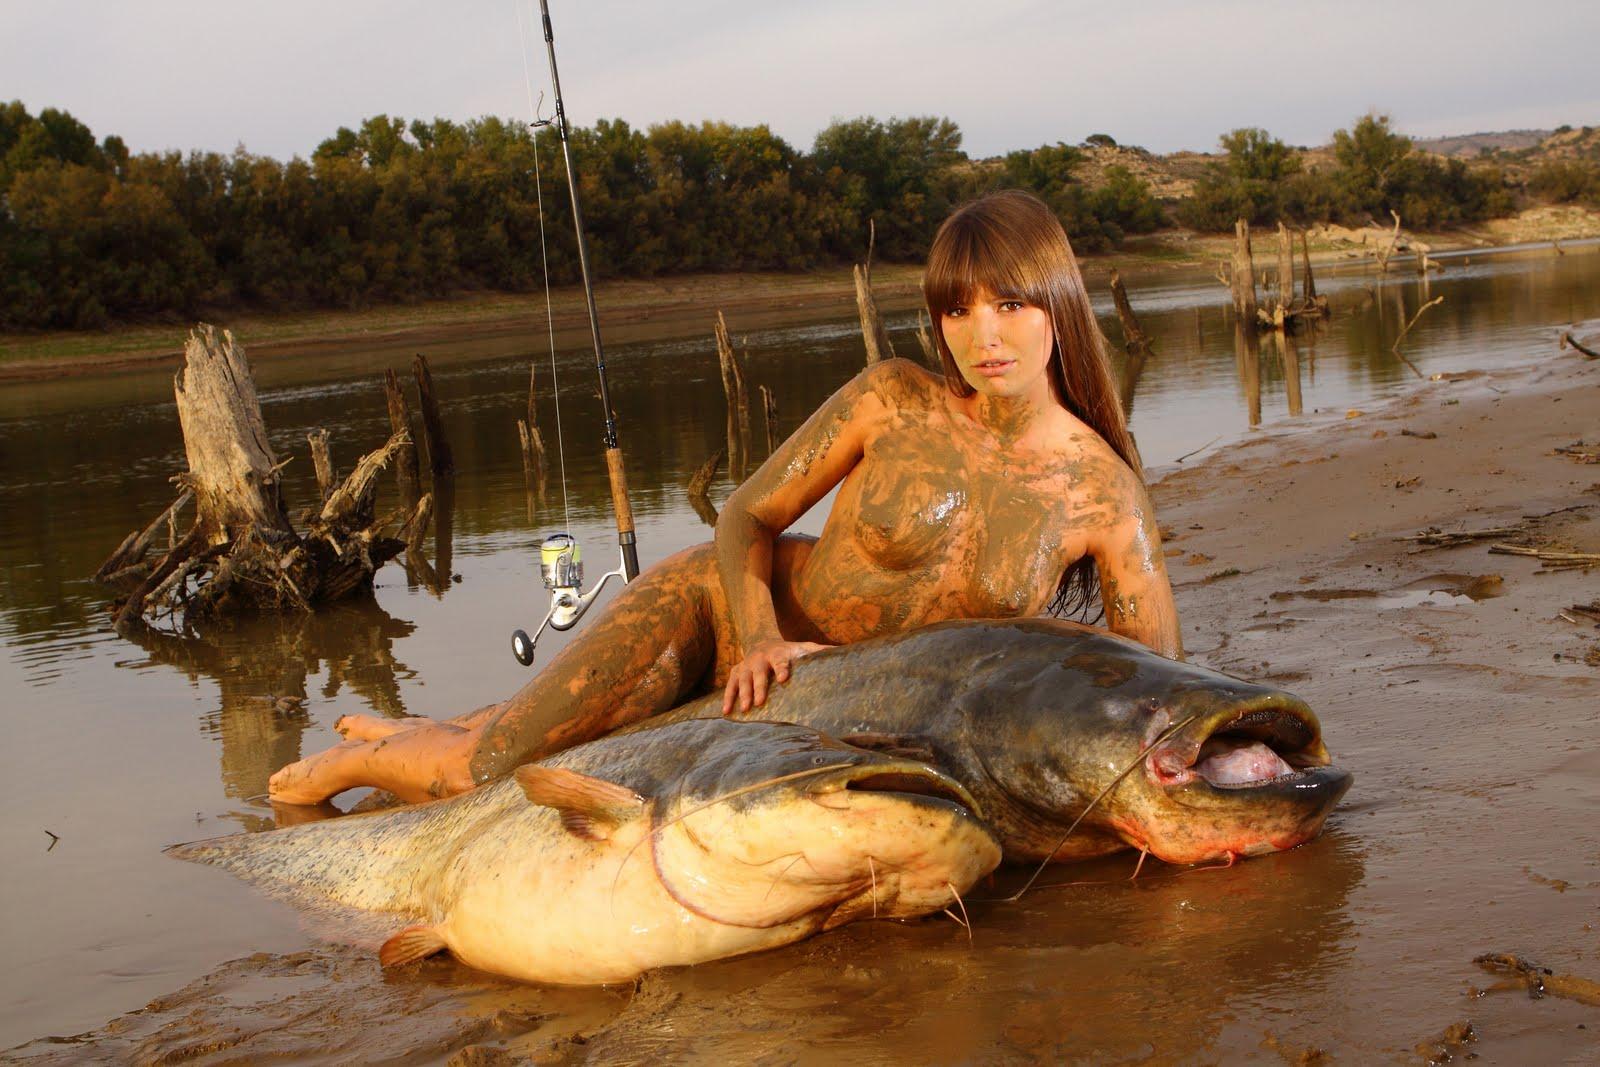 наловив рыбы рыбак решил искупаться